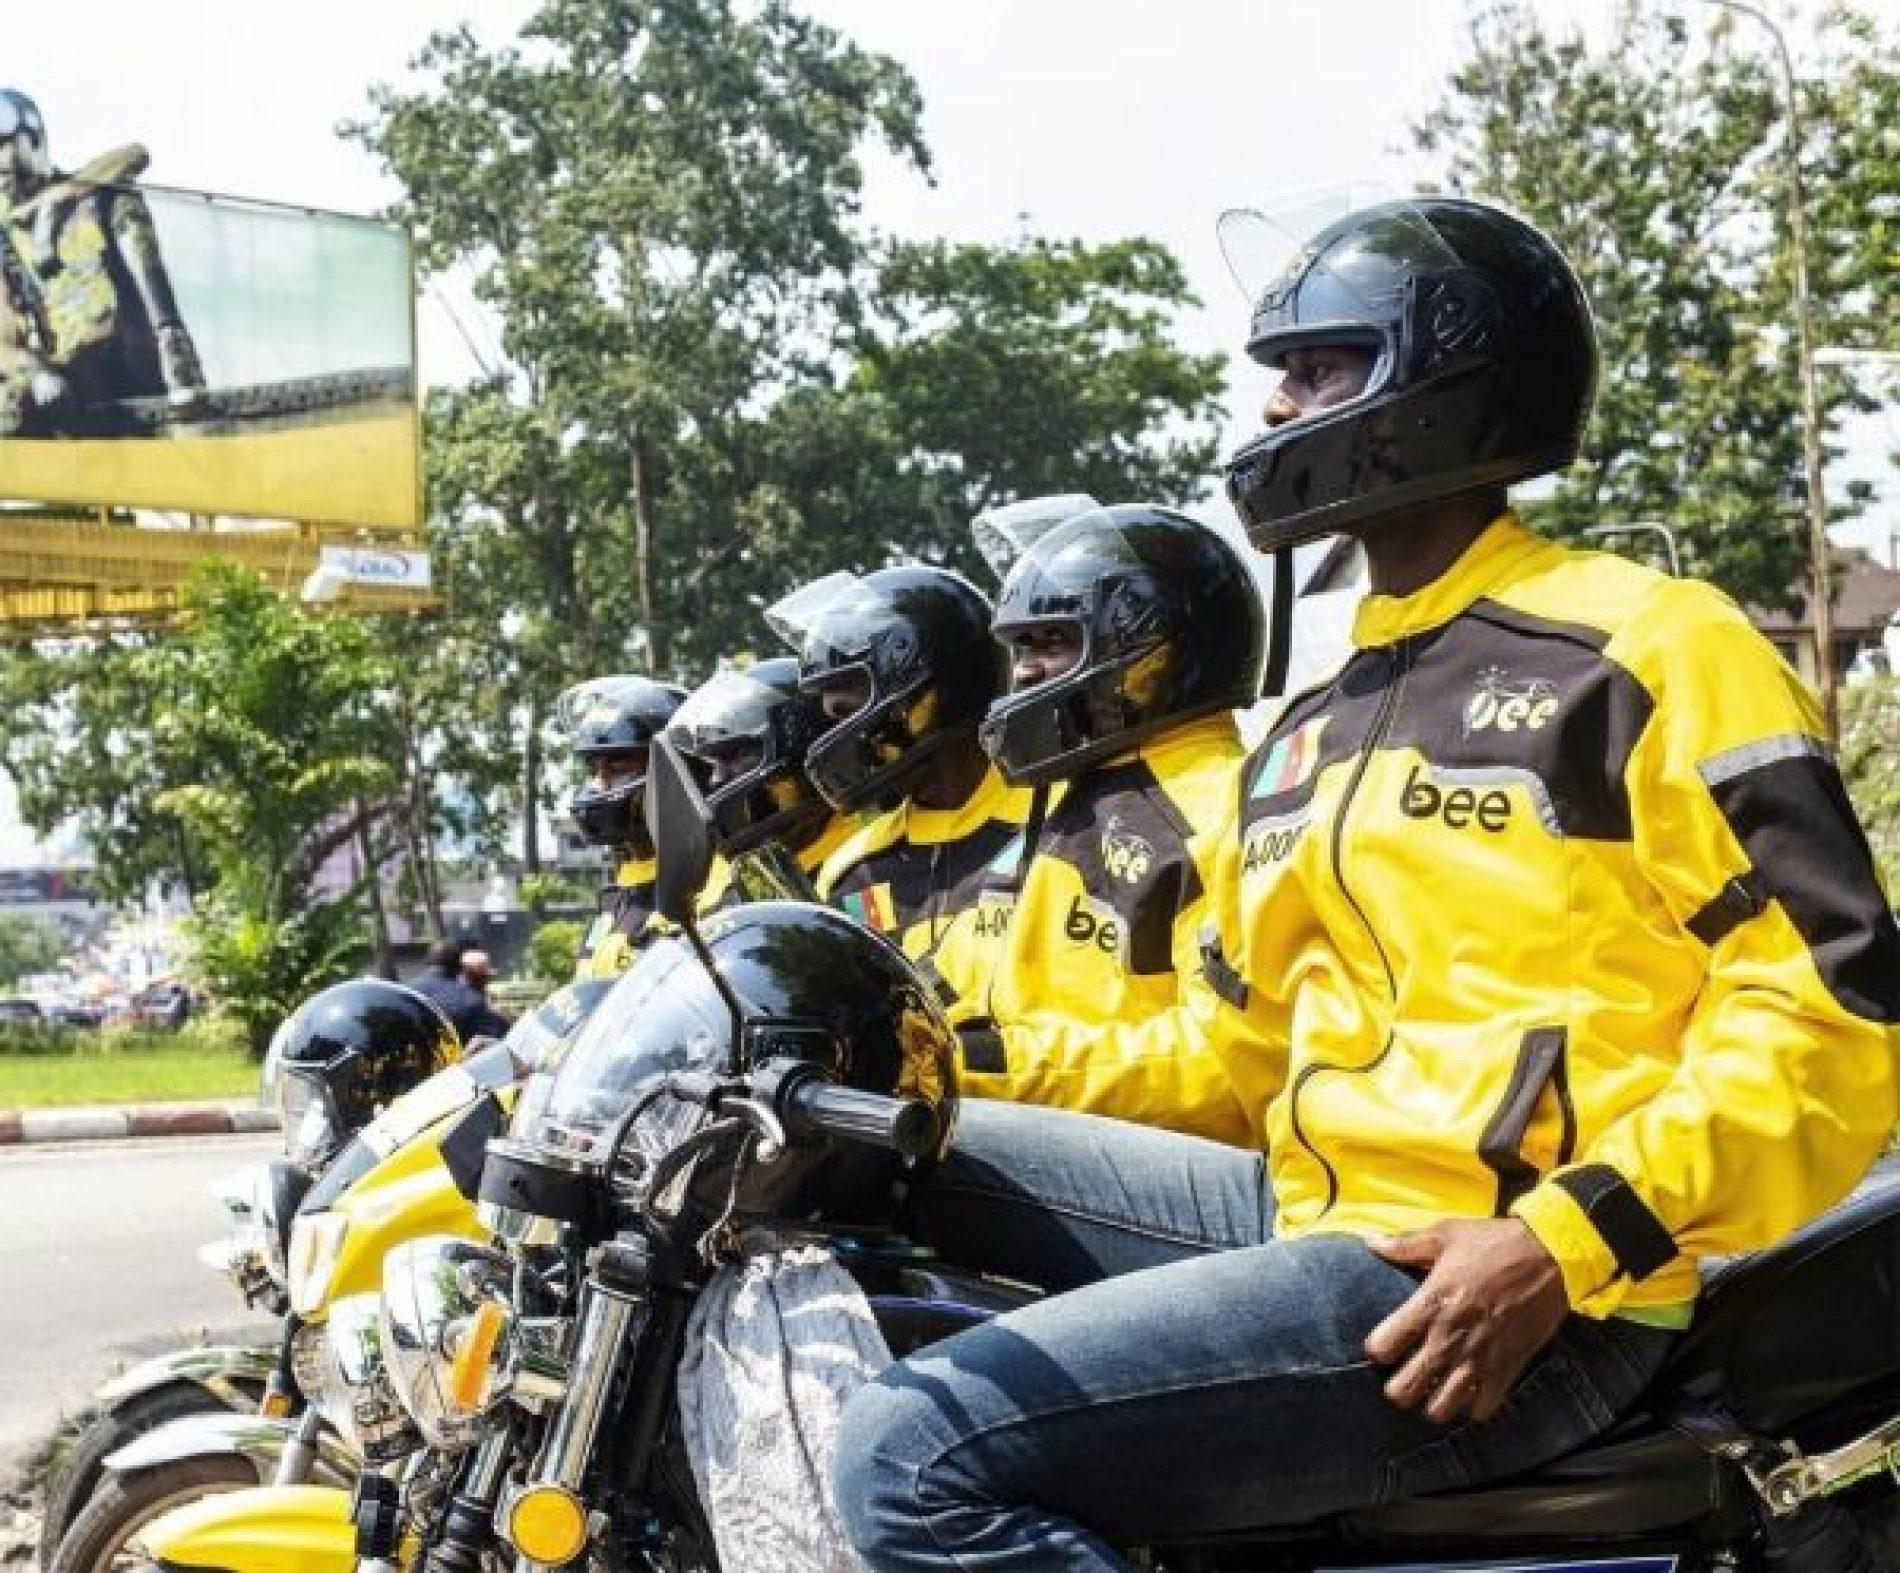 Mobilité urbaine: Une start-up lance un réseau de mototaxi à la demande